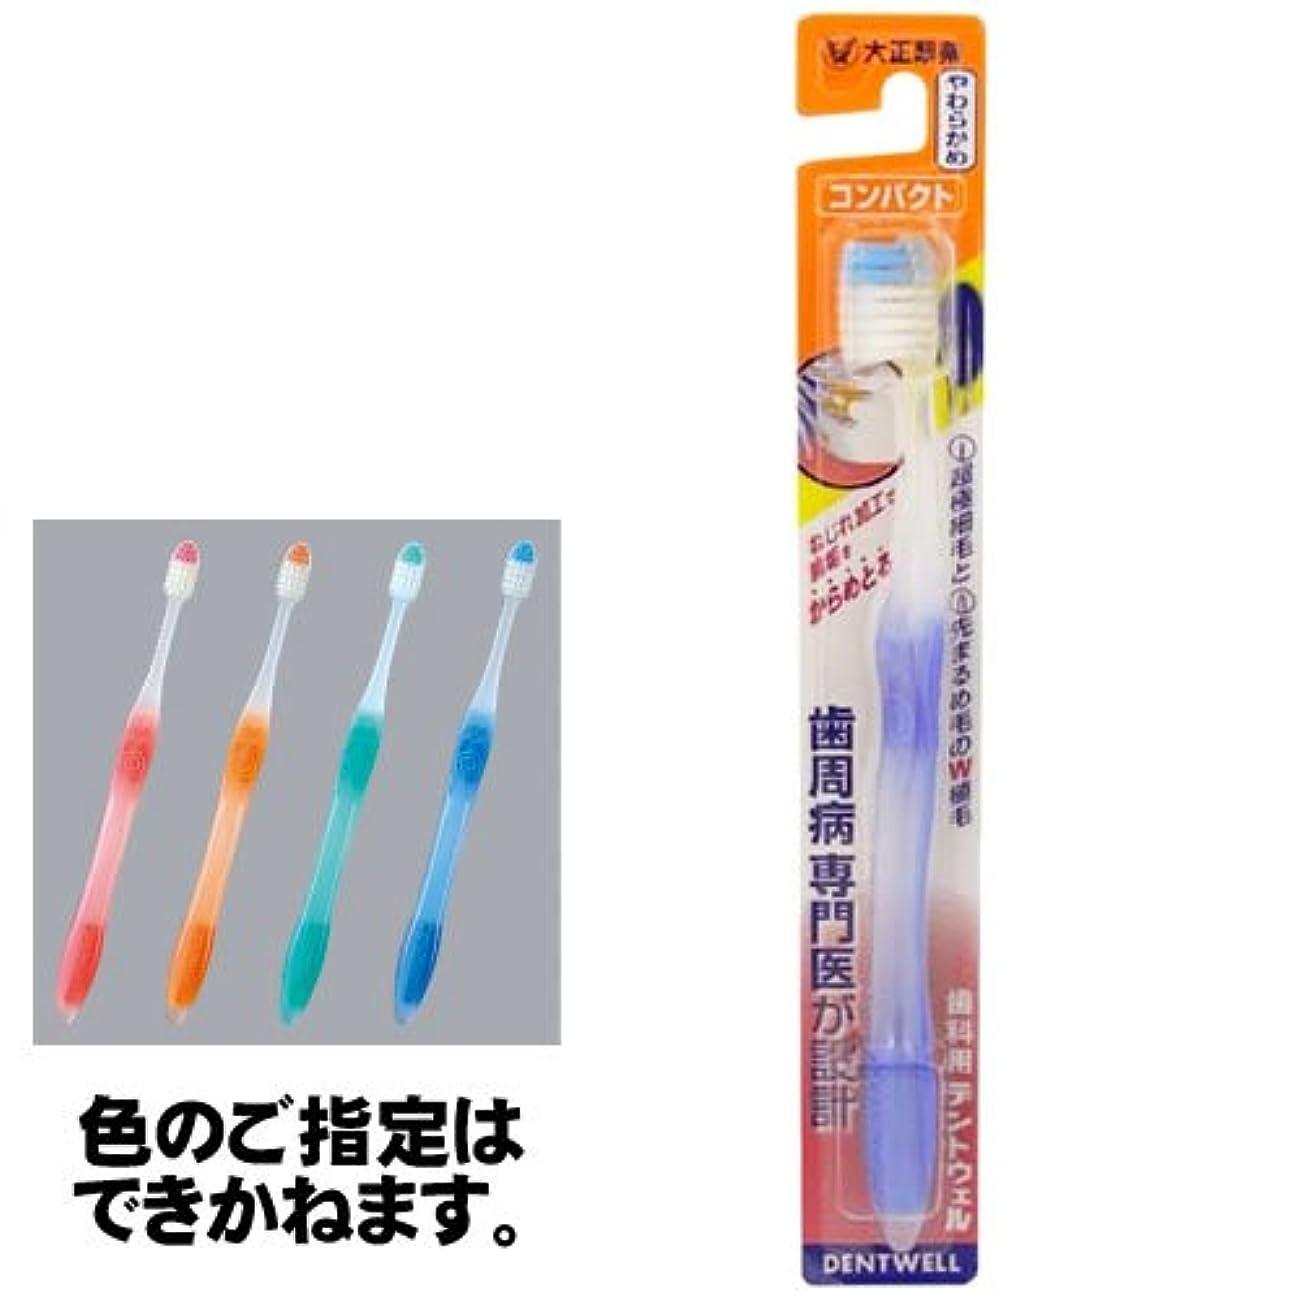 ホイップ重荷ステーキ〔大正製薬〕歯科用デントウェル歯ブラシ コンパクト やわらかめ×12個セット